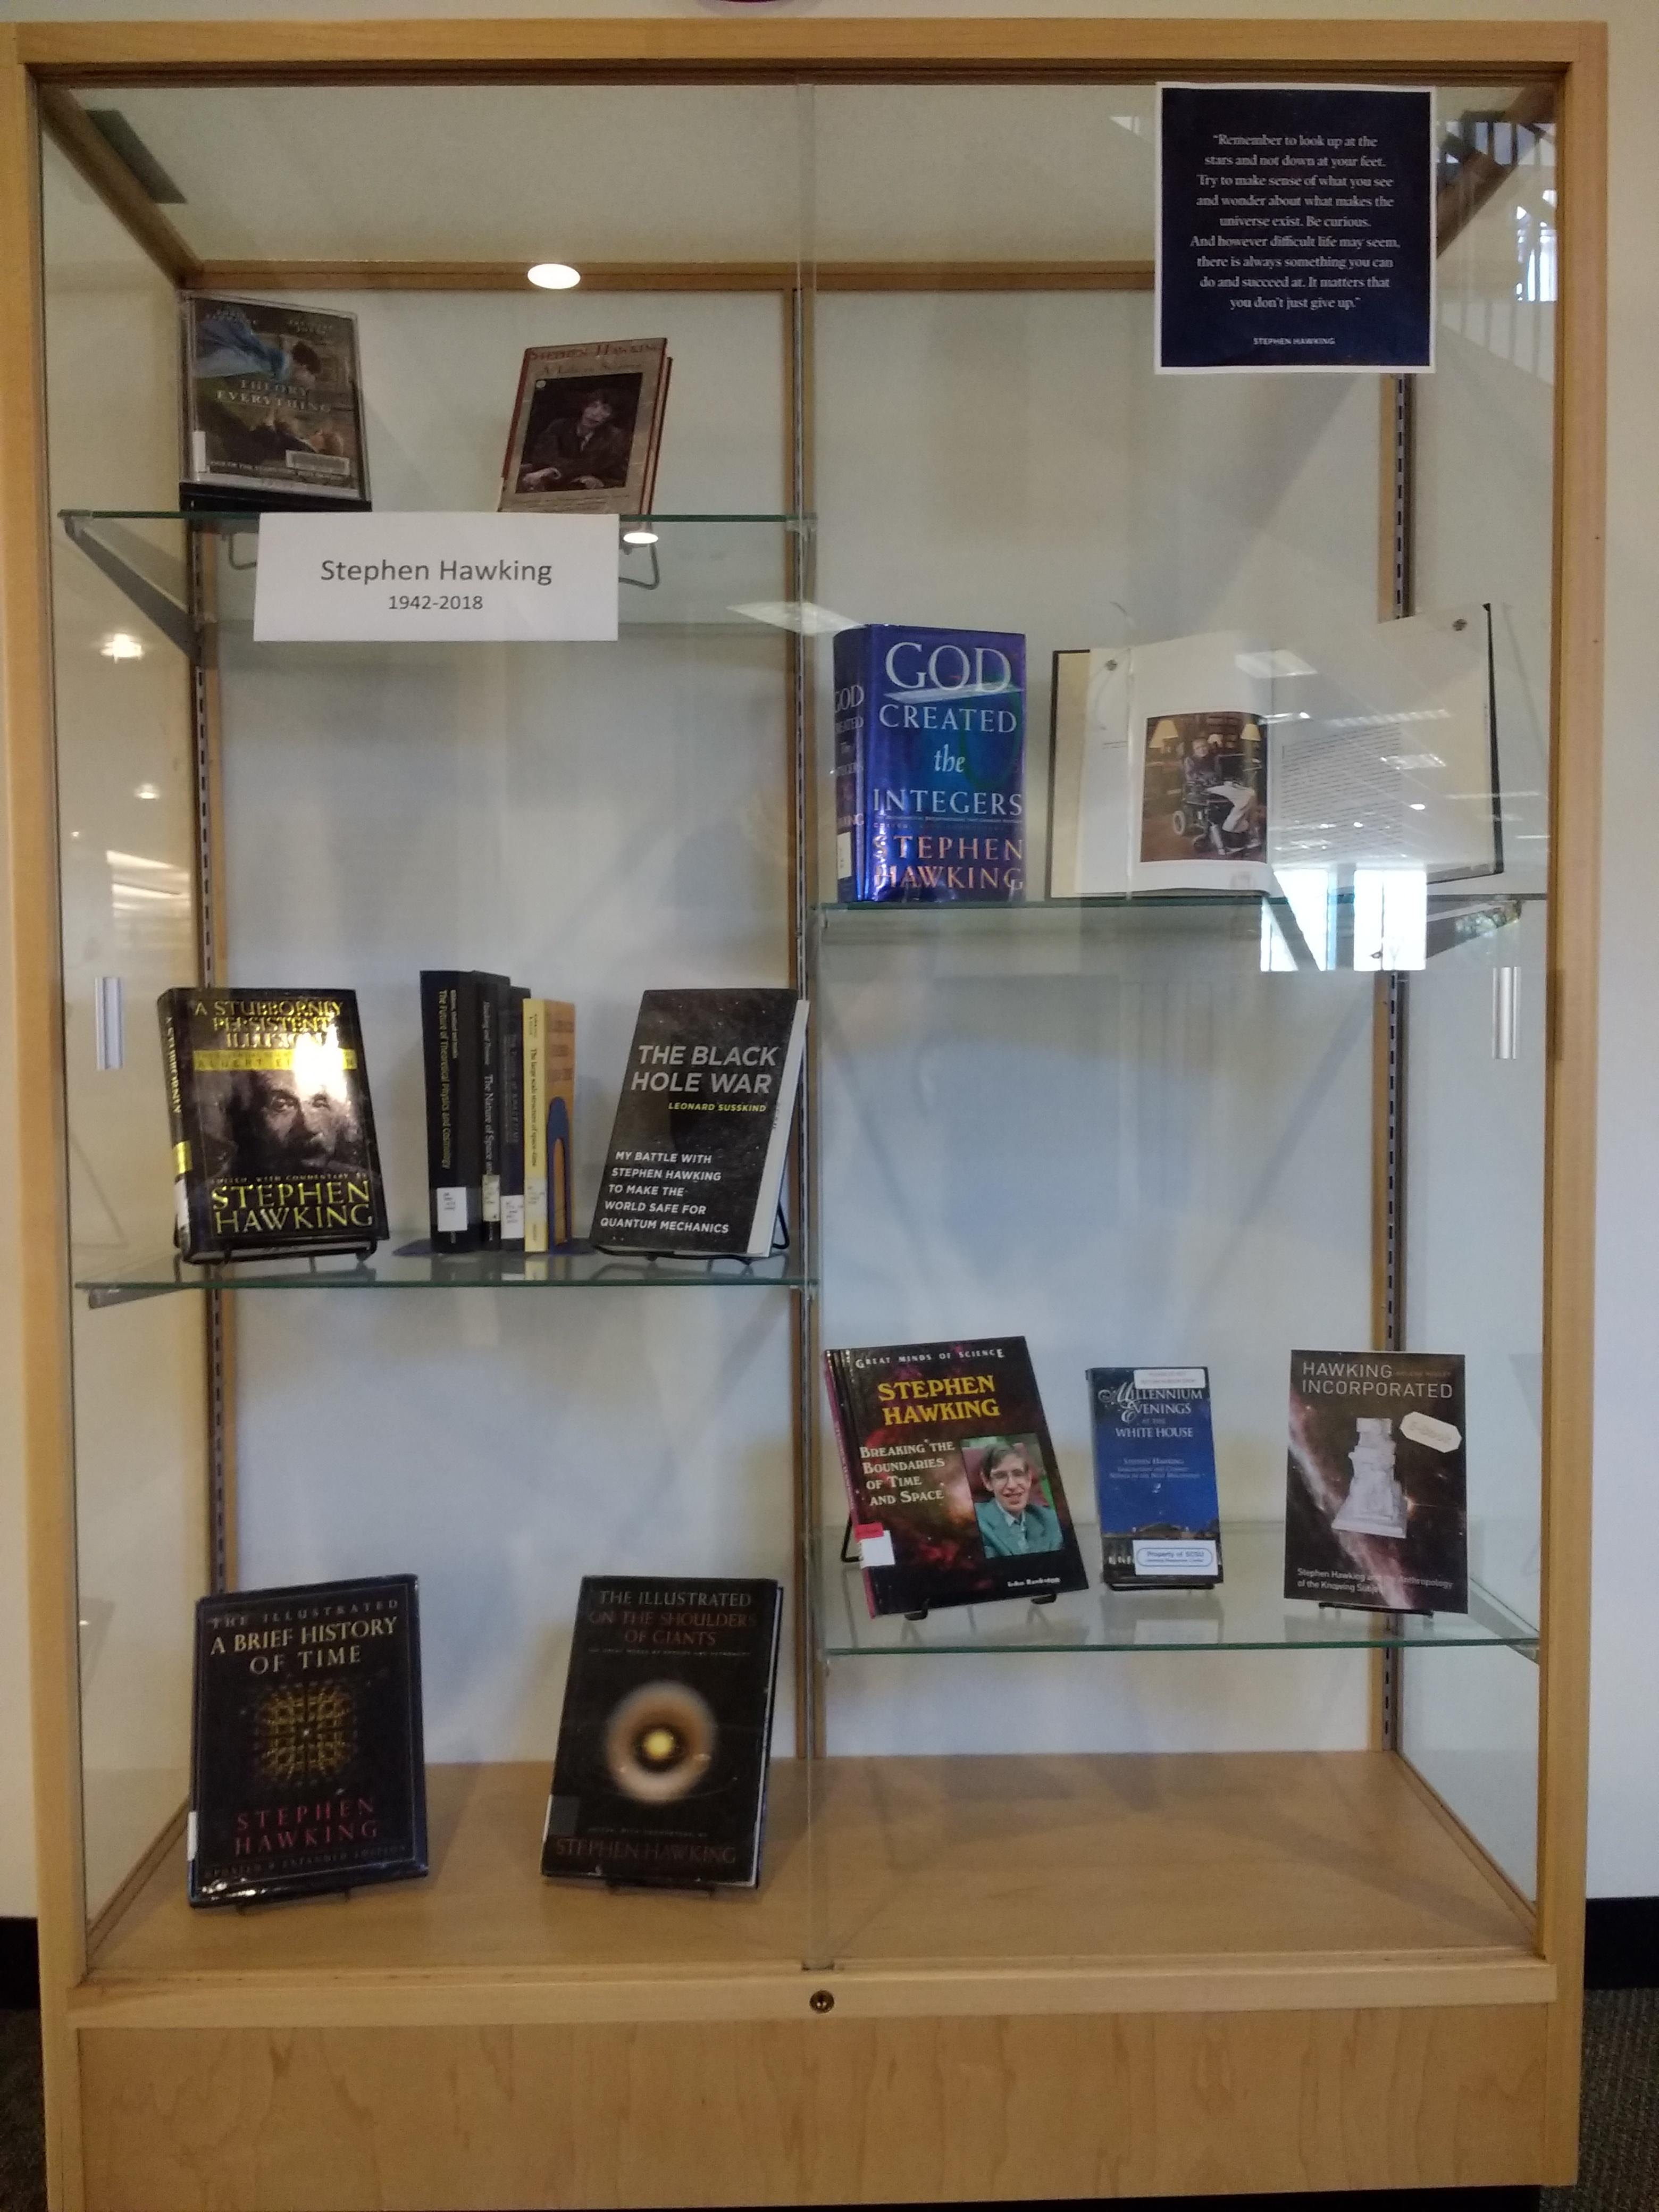 Exhibit case for memorial exhibit for Stephen Hawking